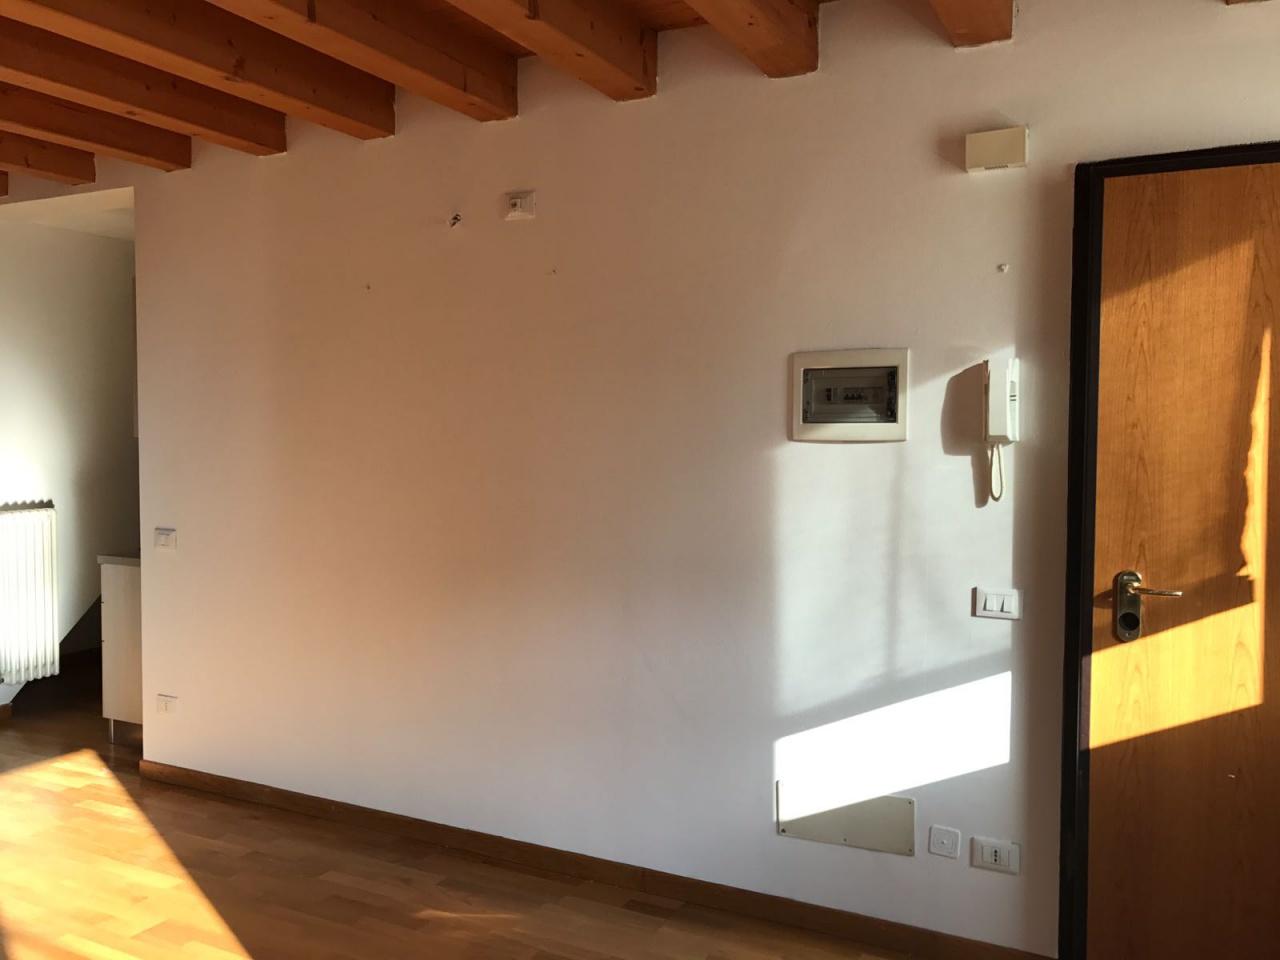 Attico / Mansarda in affitto a Treviso, 9999 locali, prezzo € 850 | CambioCasa.it